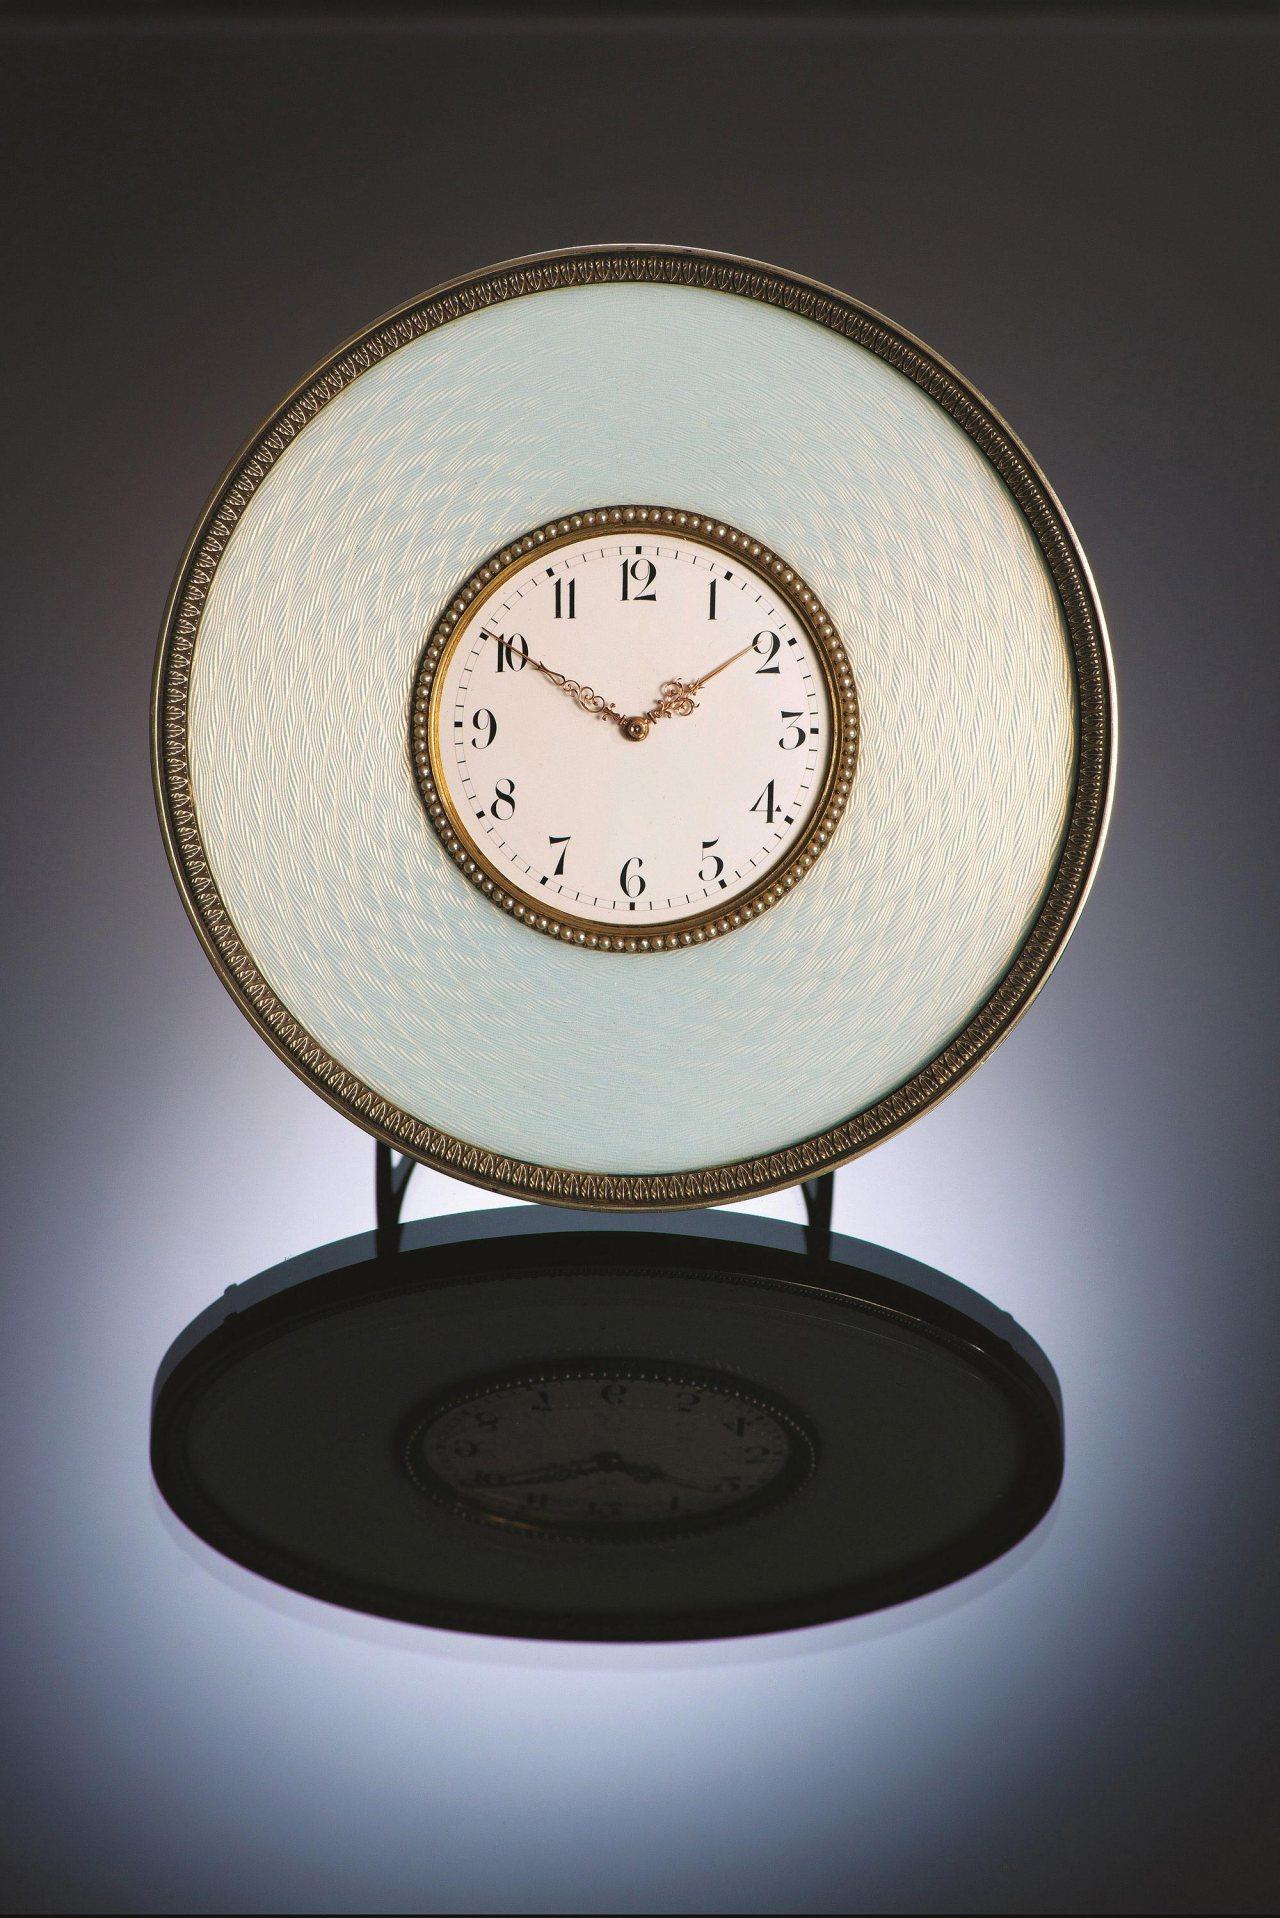 Faberge_clock_HMC_calibre_001_LR2